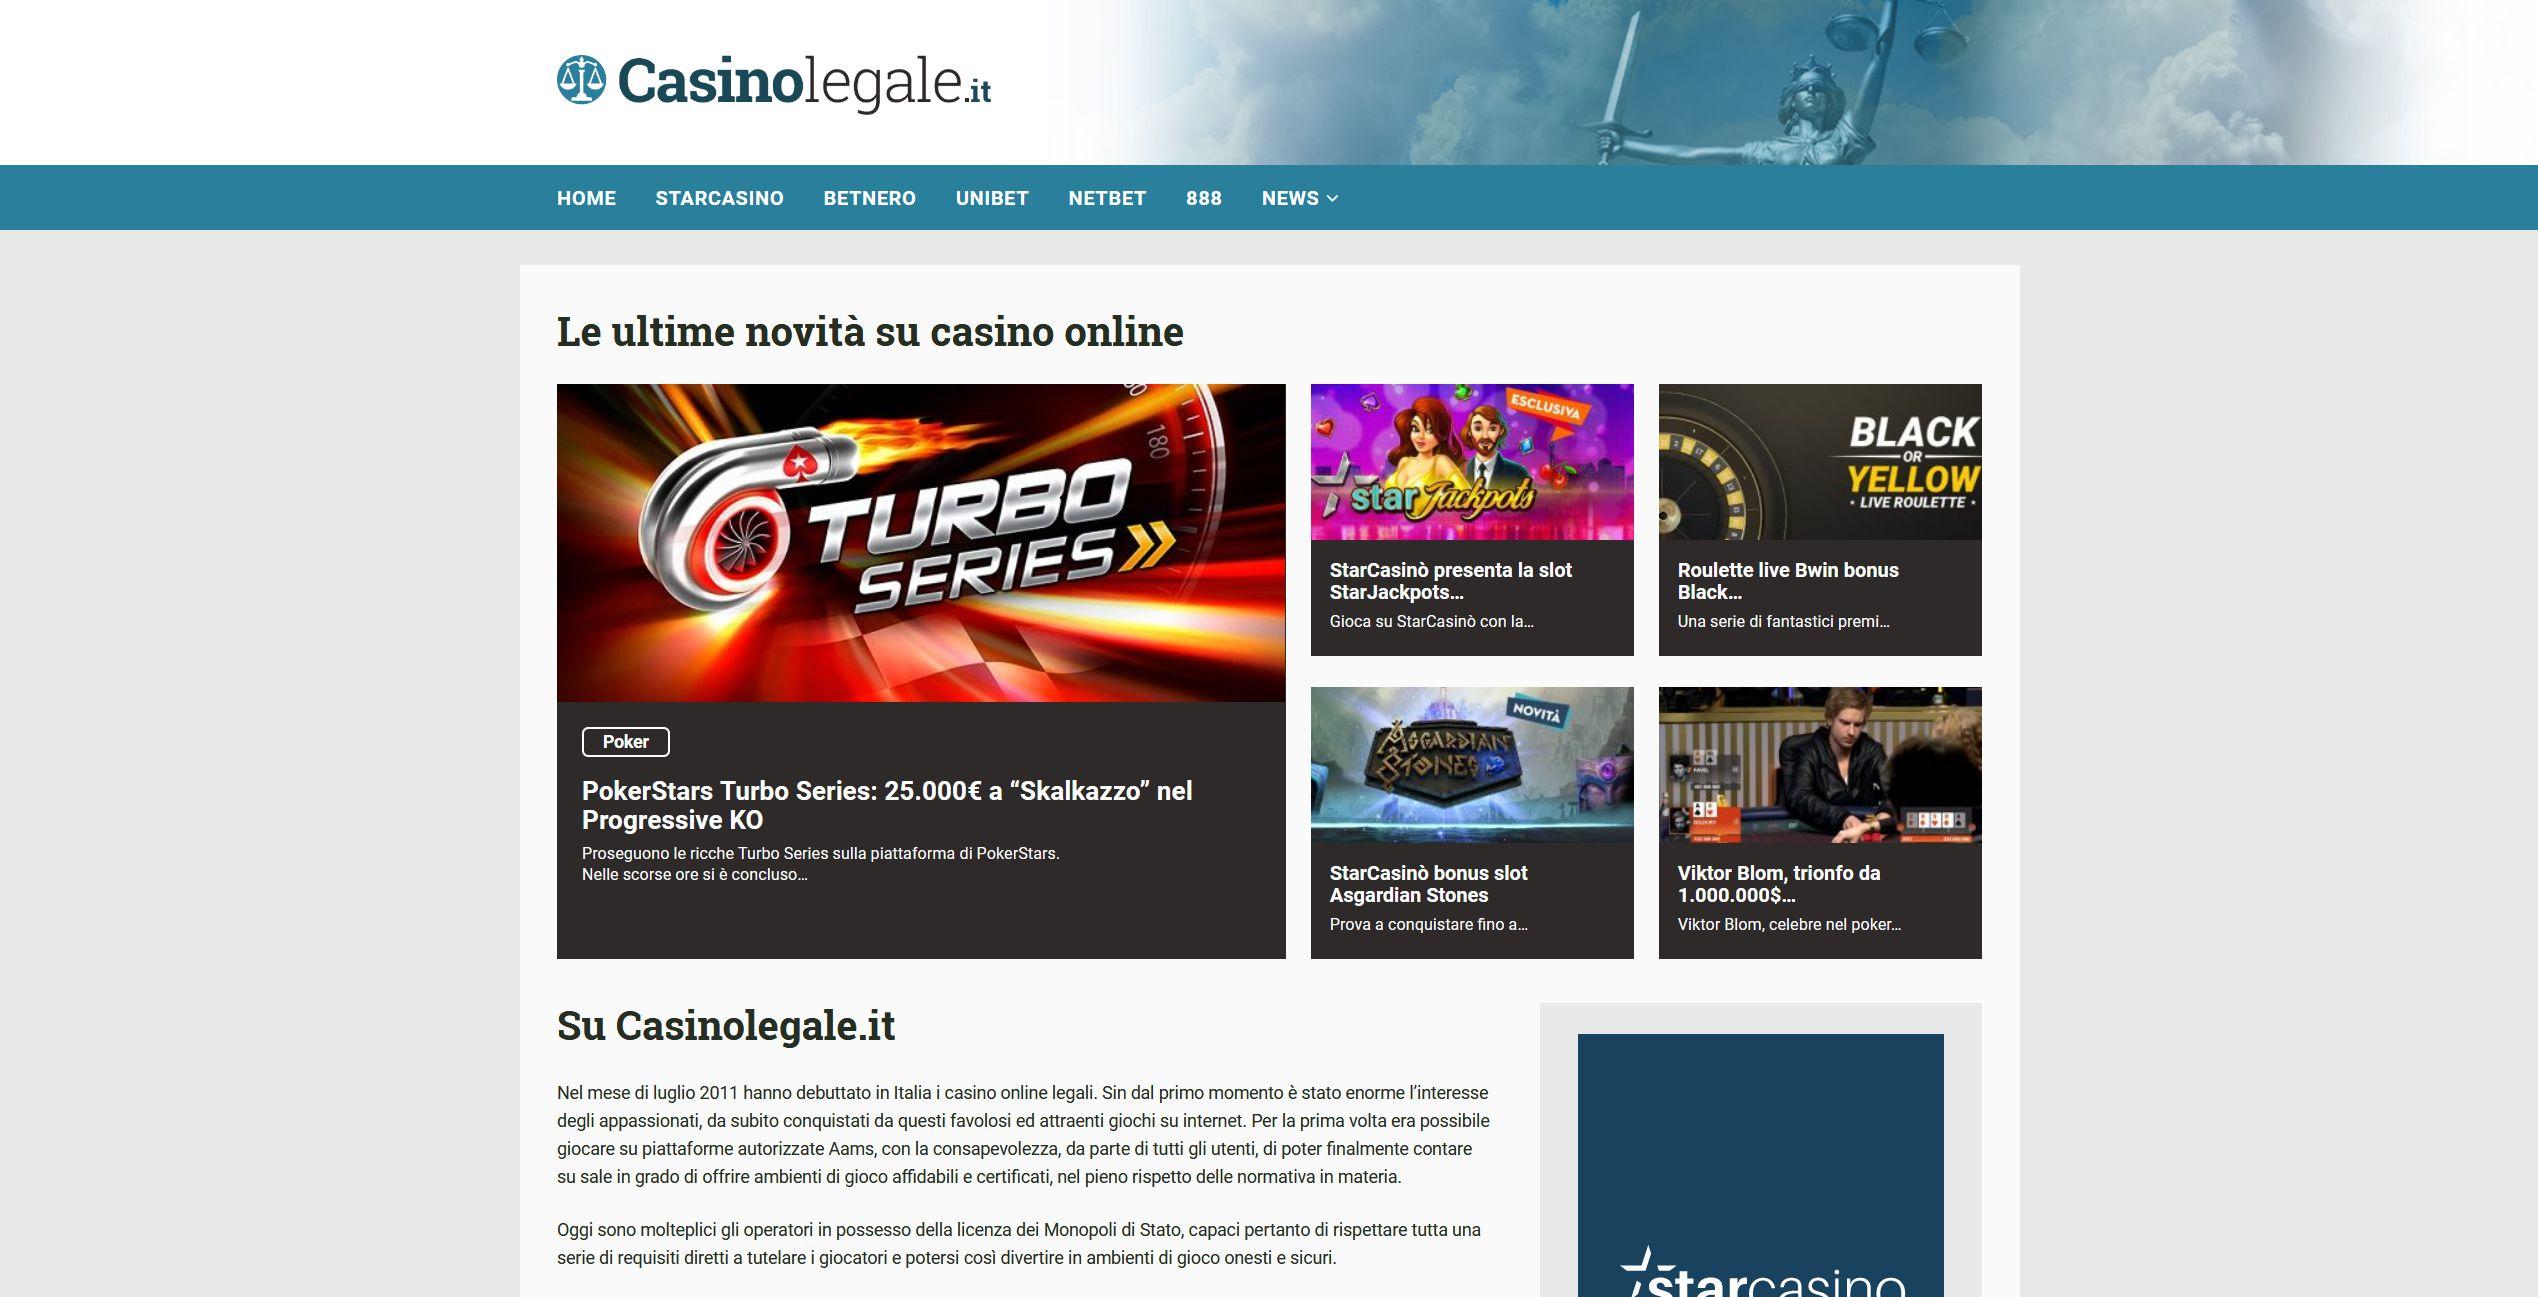 Casino Legale